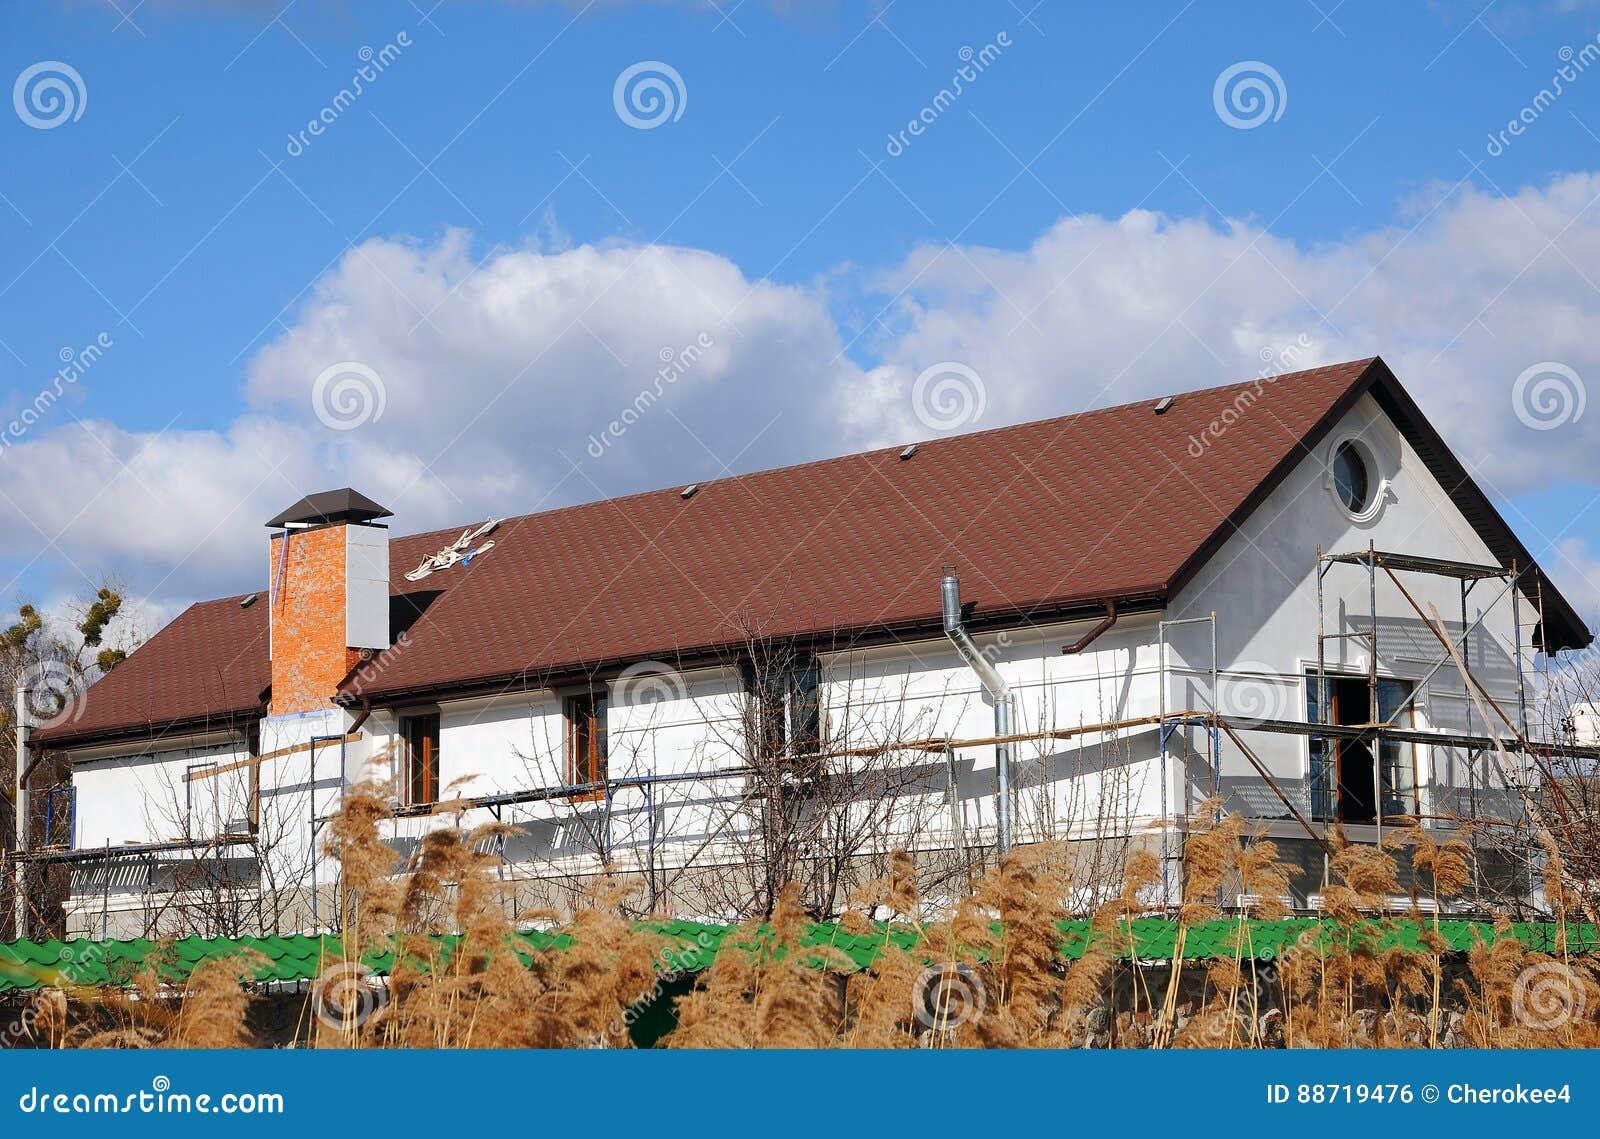 maison ou b timent urbaine mod le de fa ade goutti re de pluie bardeaux de toit toiture toit. Black Bedroom Furniture Sets. Home Design Ideas